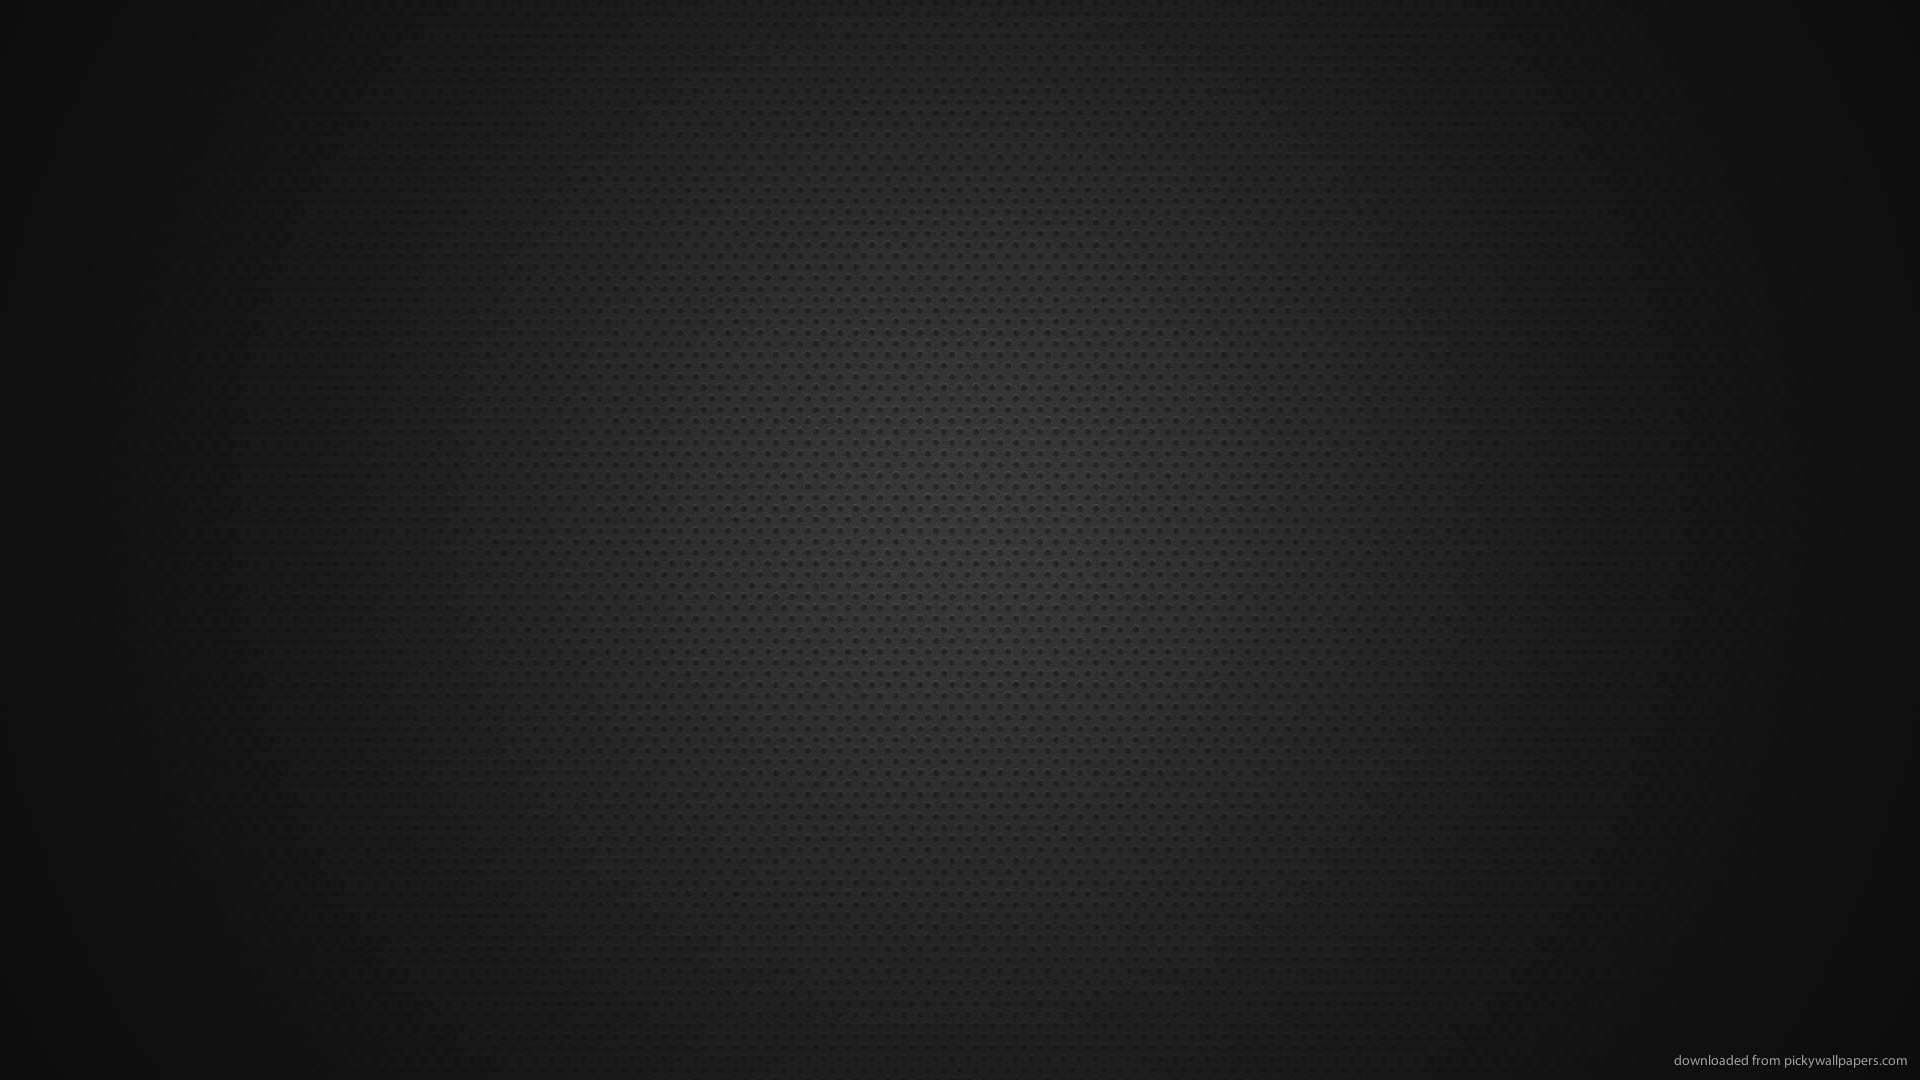 Black Wallpaper 1920x1080 8 Hd Wallpaper Hdblackwallpaper Com